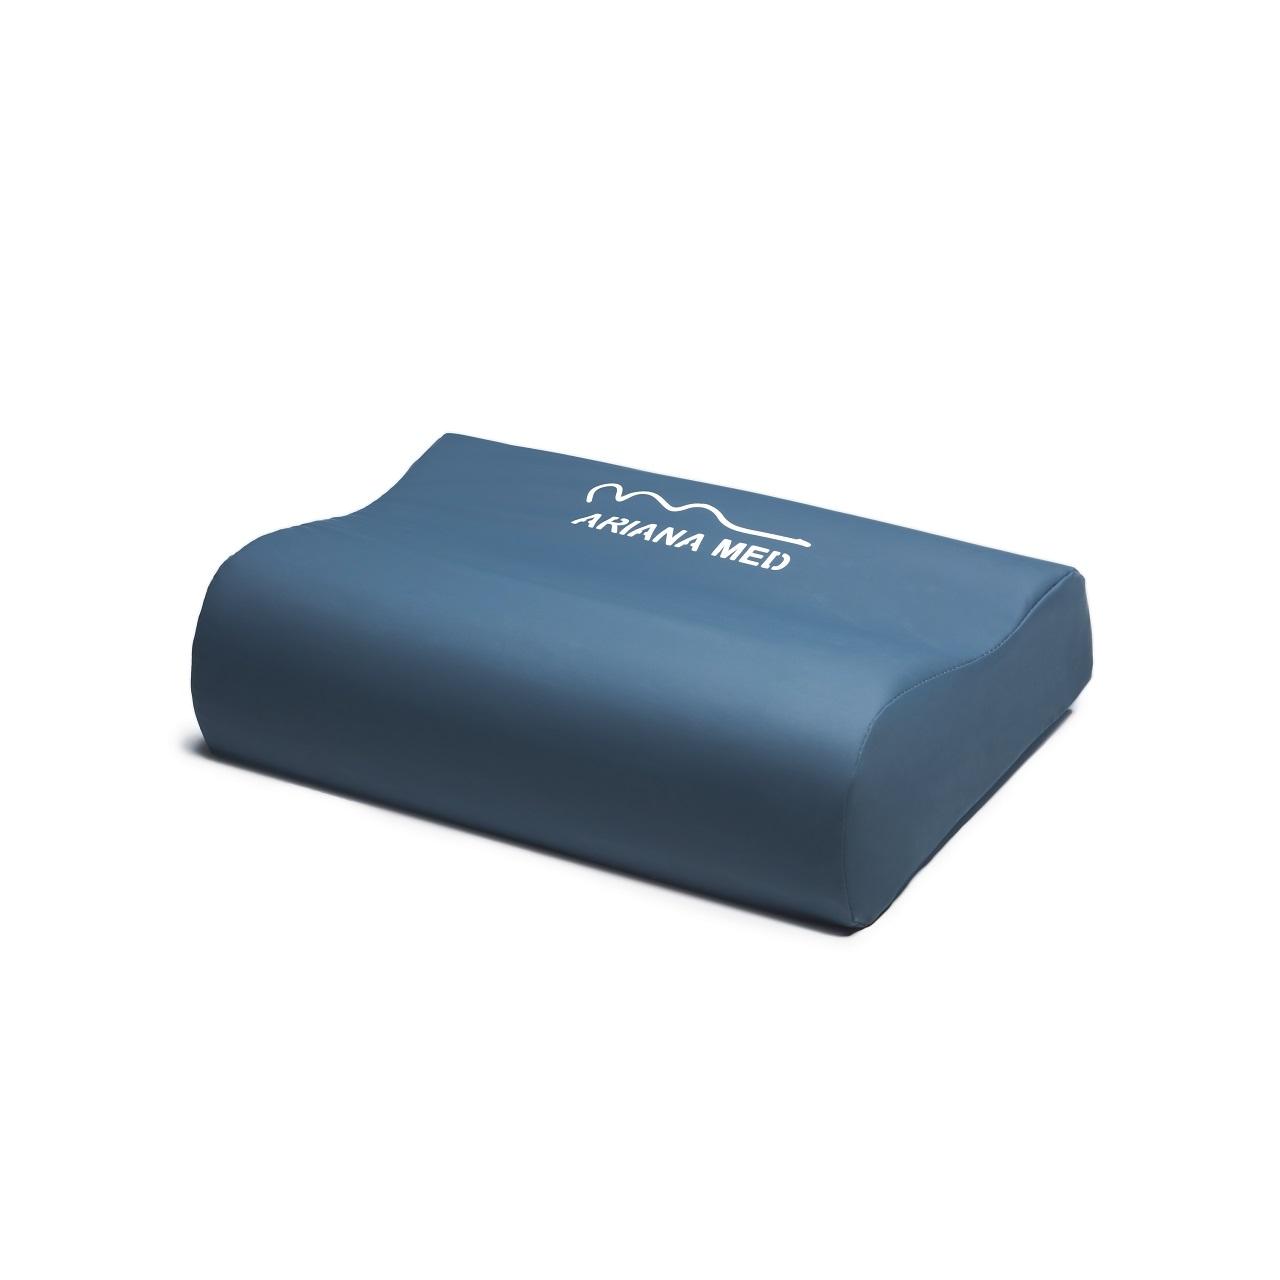 بالشت هوشمند آریانامد مدل ARIANA004 سایز XL سایز XL